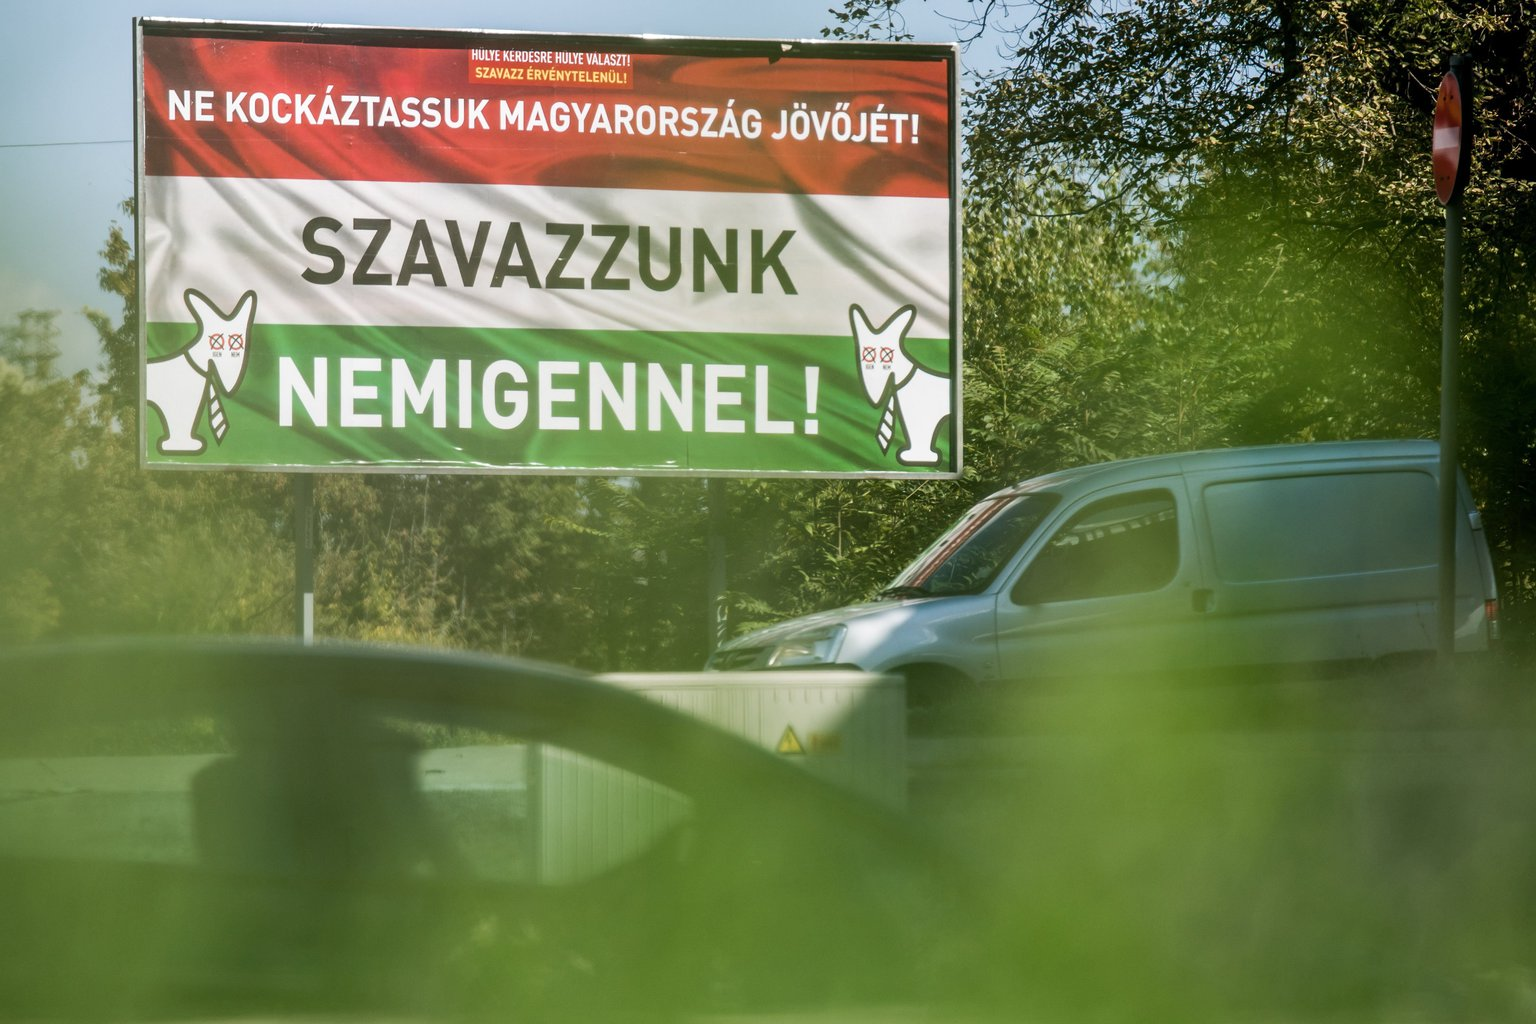 A Magyar Kétfarkú Kutya Párt (MKKP) az október 2-i kvótareferendumon érvénytelen szavazatra ösztönző plakátja Budapesten a Hungária körúton 2016. szeptember 23-án. Október 2-án lesz a nem magyar állampolgárok Magyarországra történő kötelező betelepítésével kapcsolatban kiírt népszavazás (kvótareferendum). MTI Fotó: Balogh Zoltán